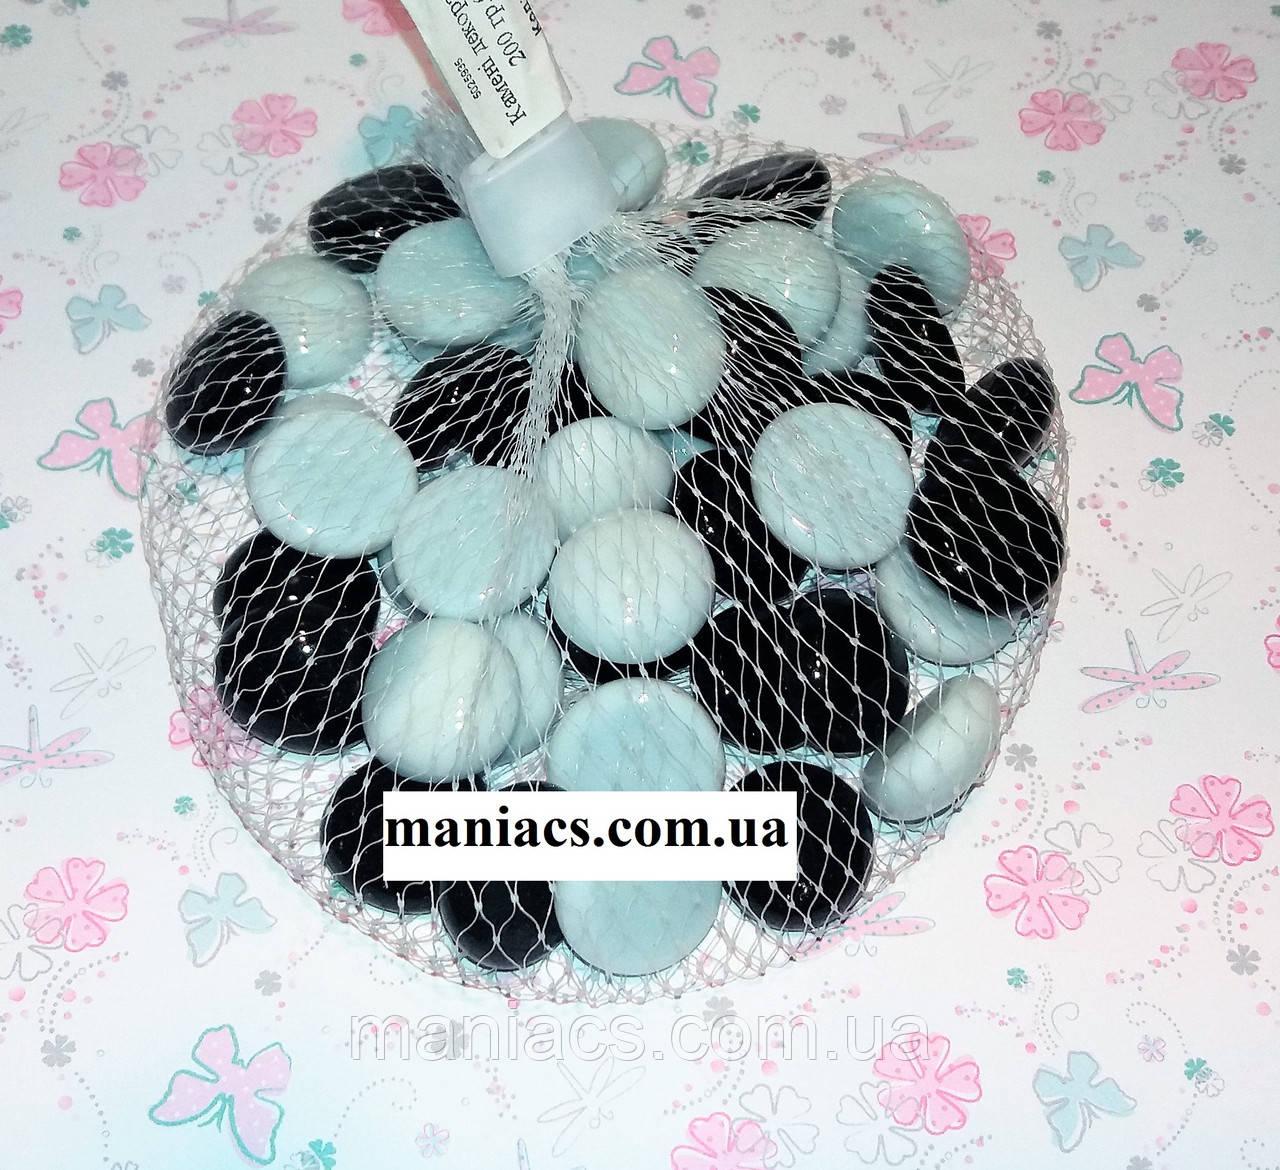 Декоративний скляний камінь, Класик